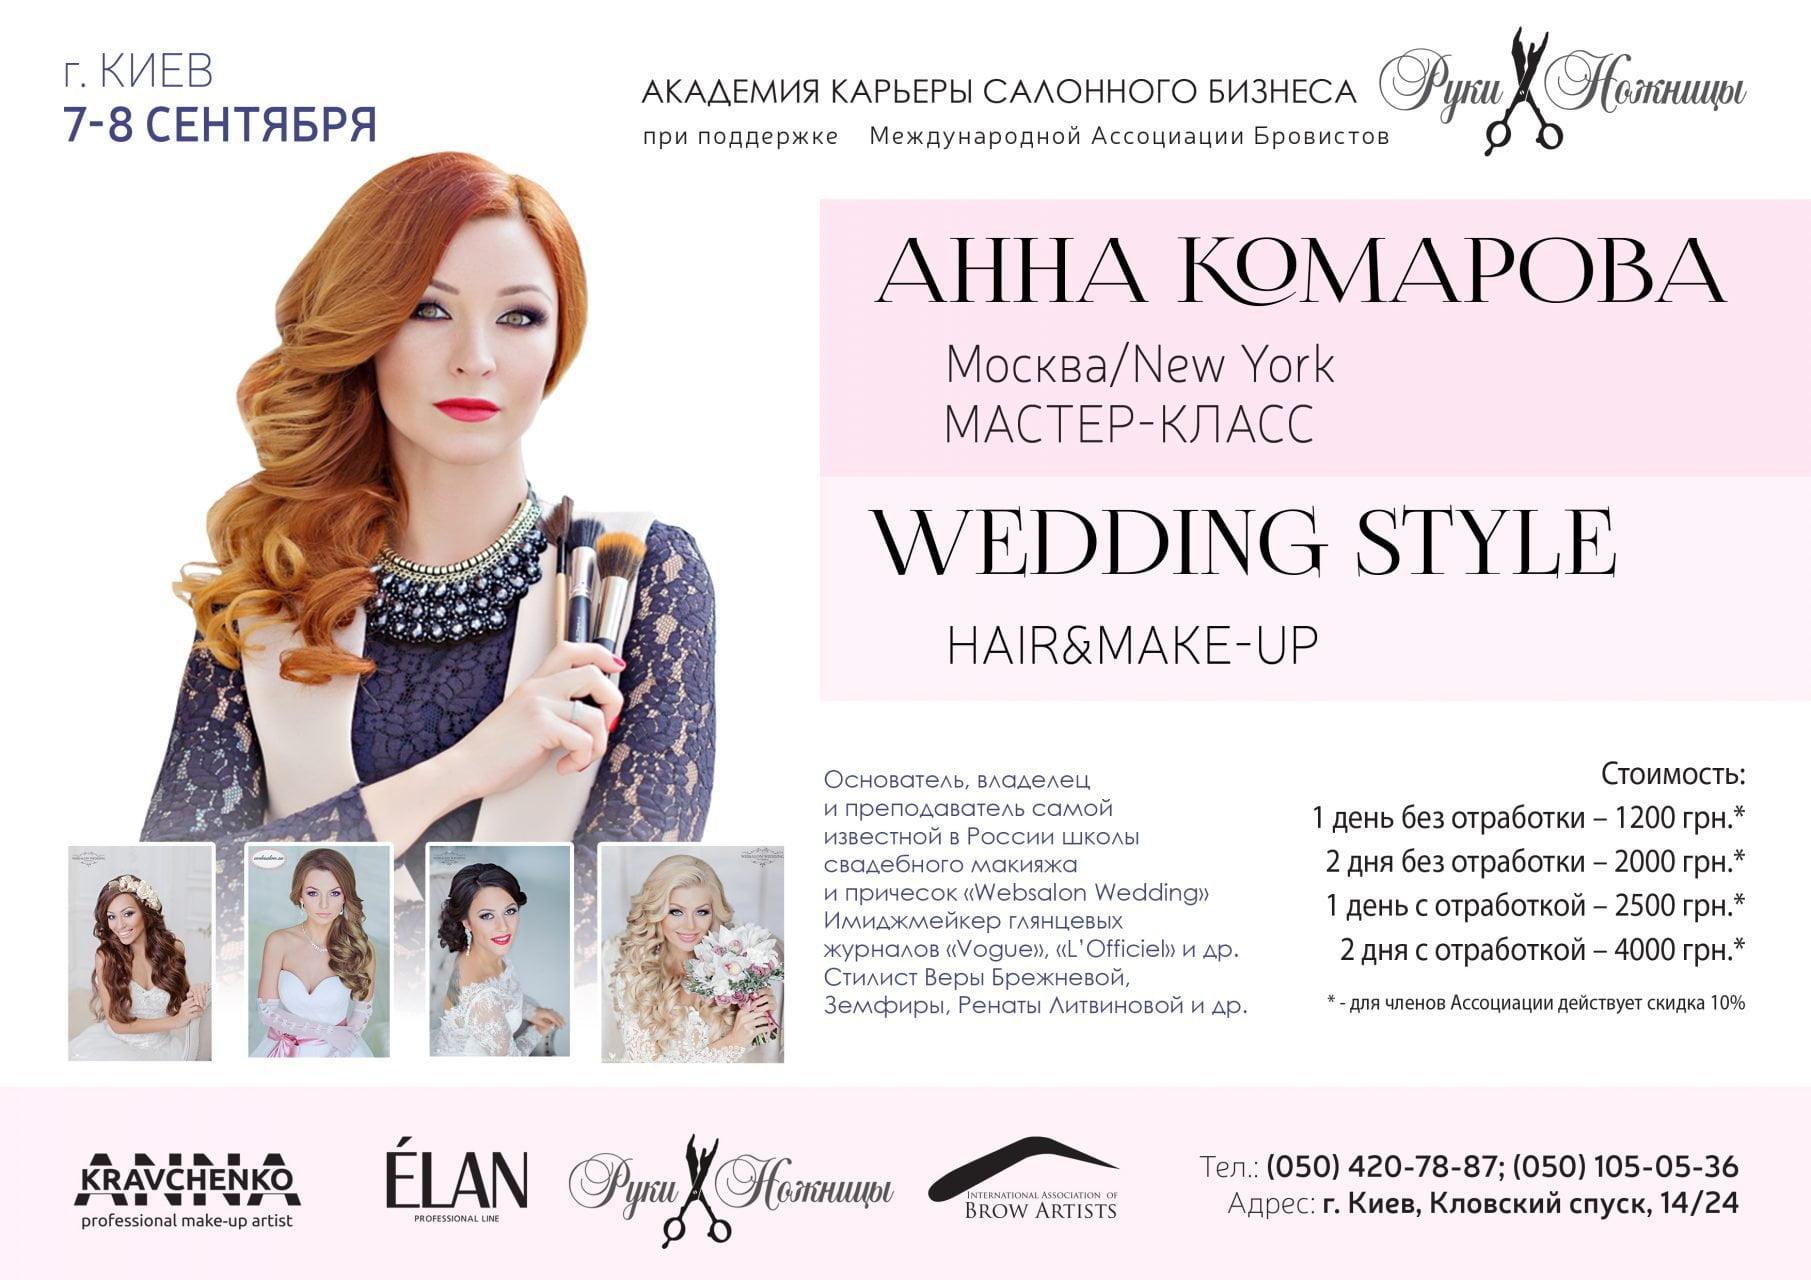 Авторский мастер-класс Анны Комаровой Киев, 7-8 сентября 2016